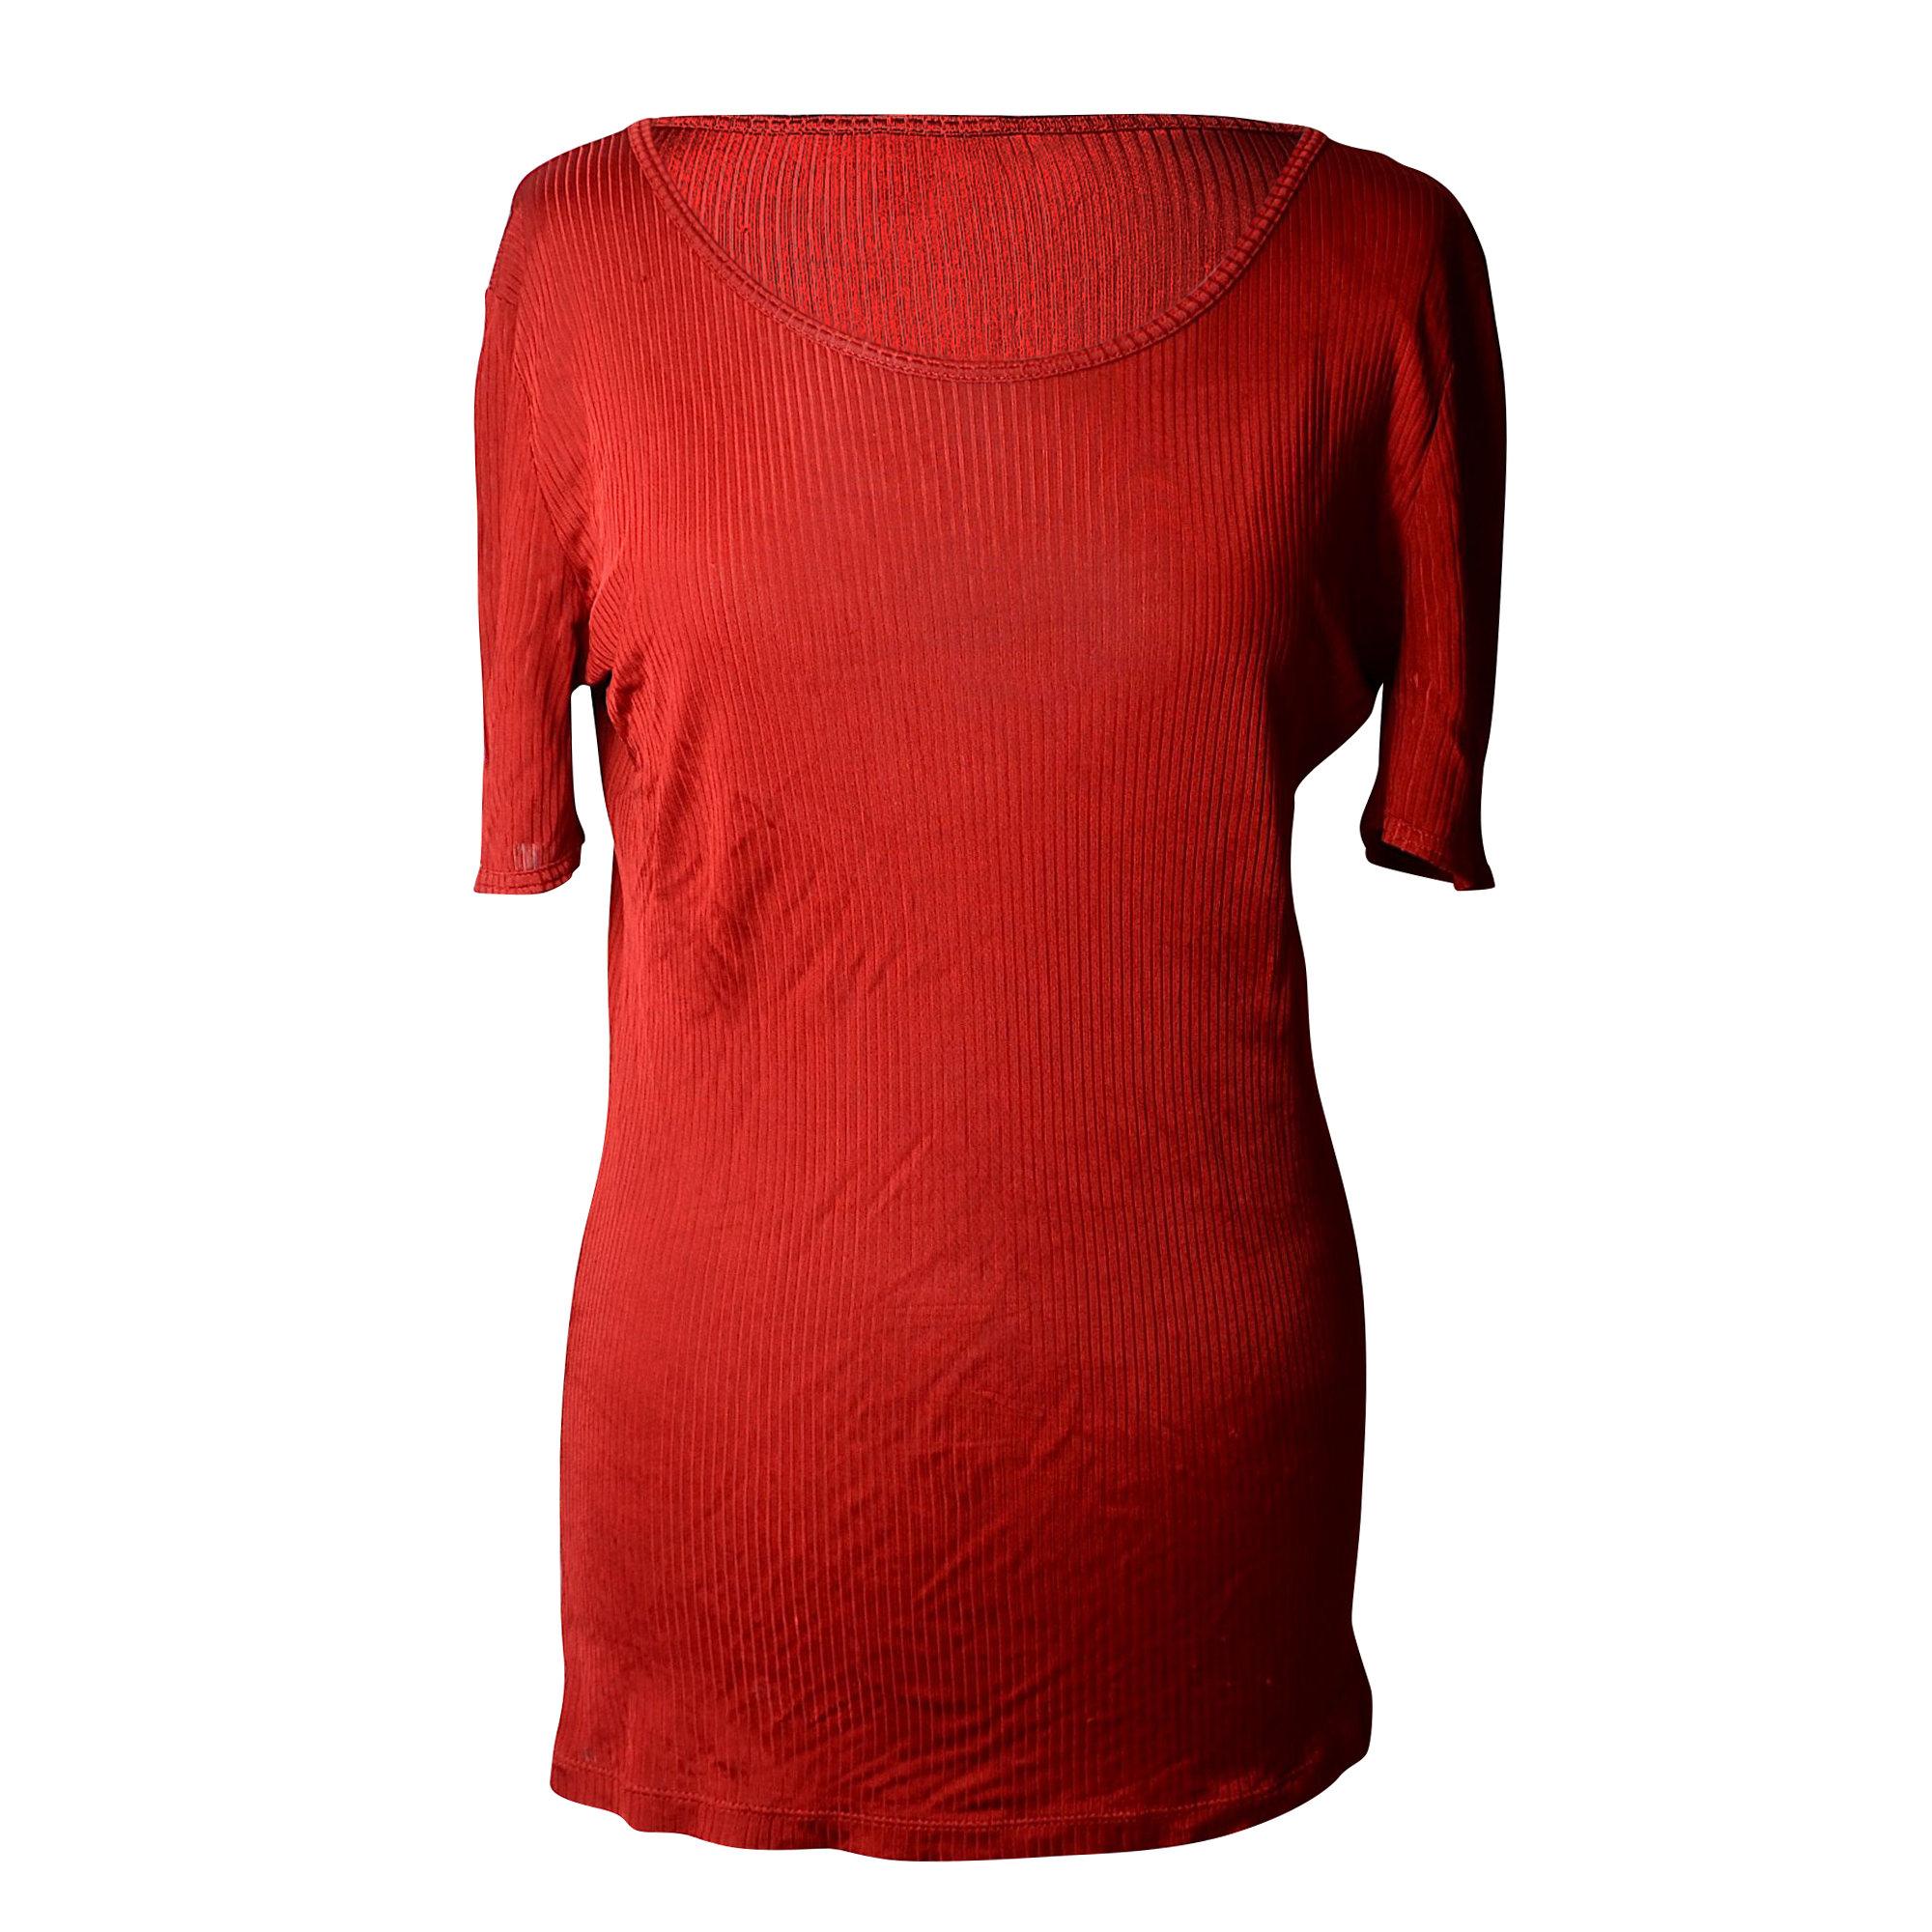 Tee-shirt LOUIS VUITTON Rouge, bordeaux